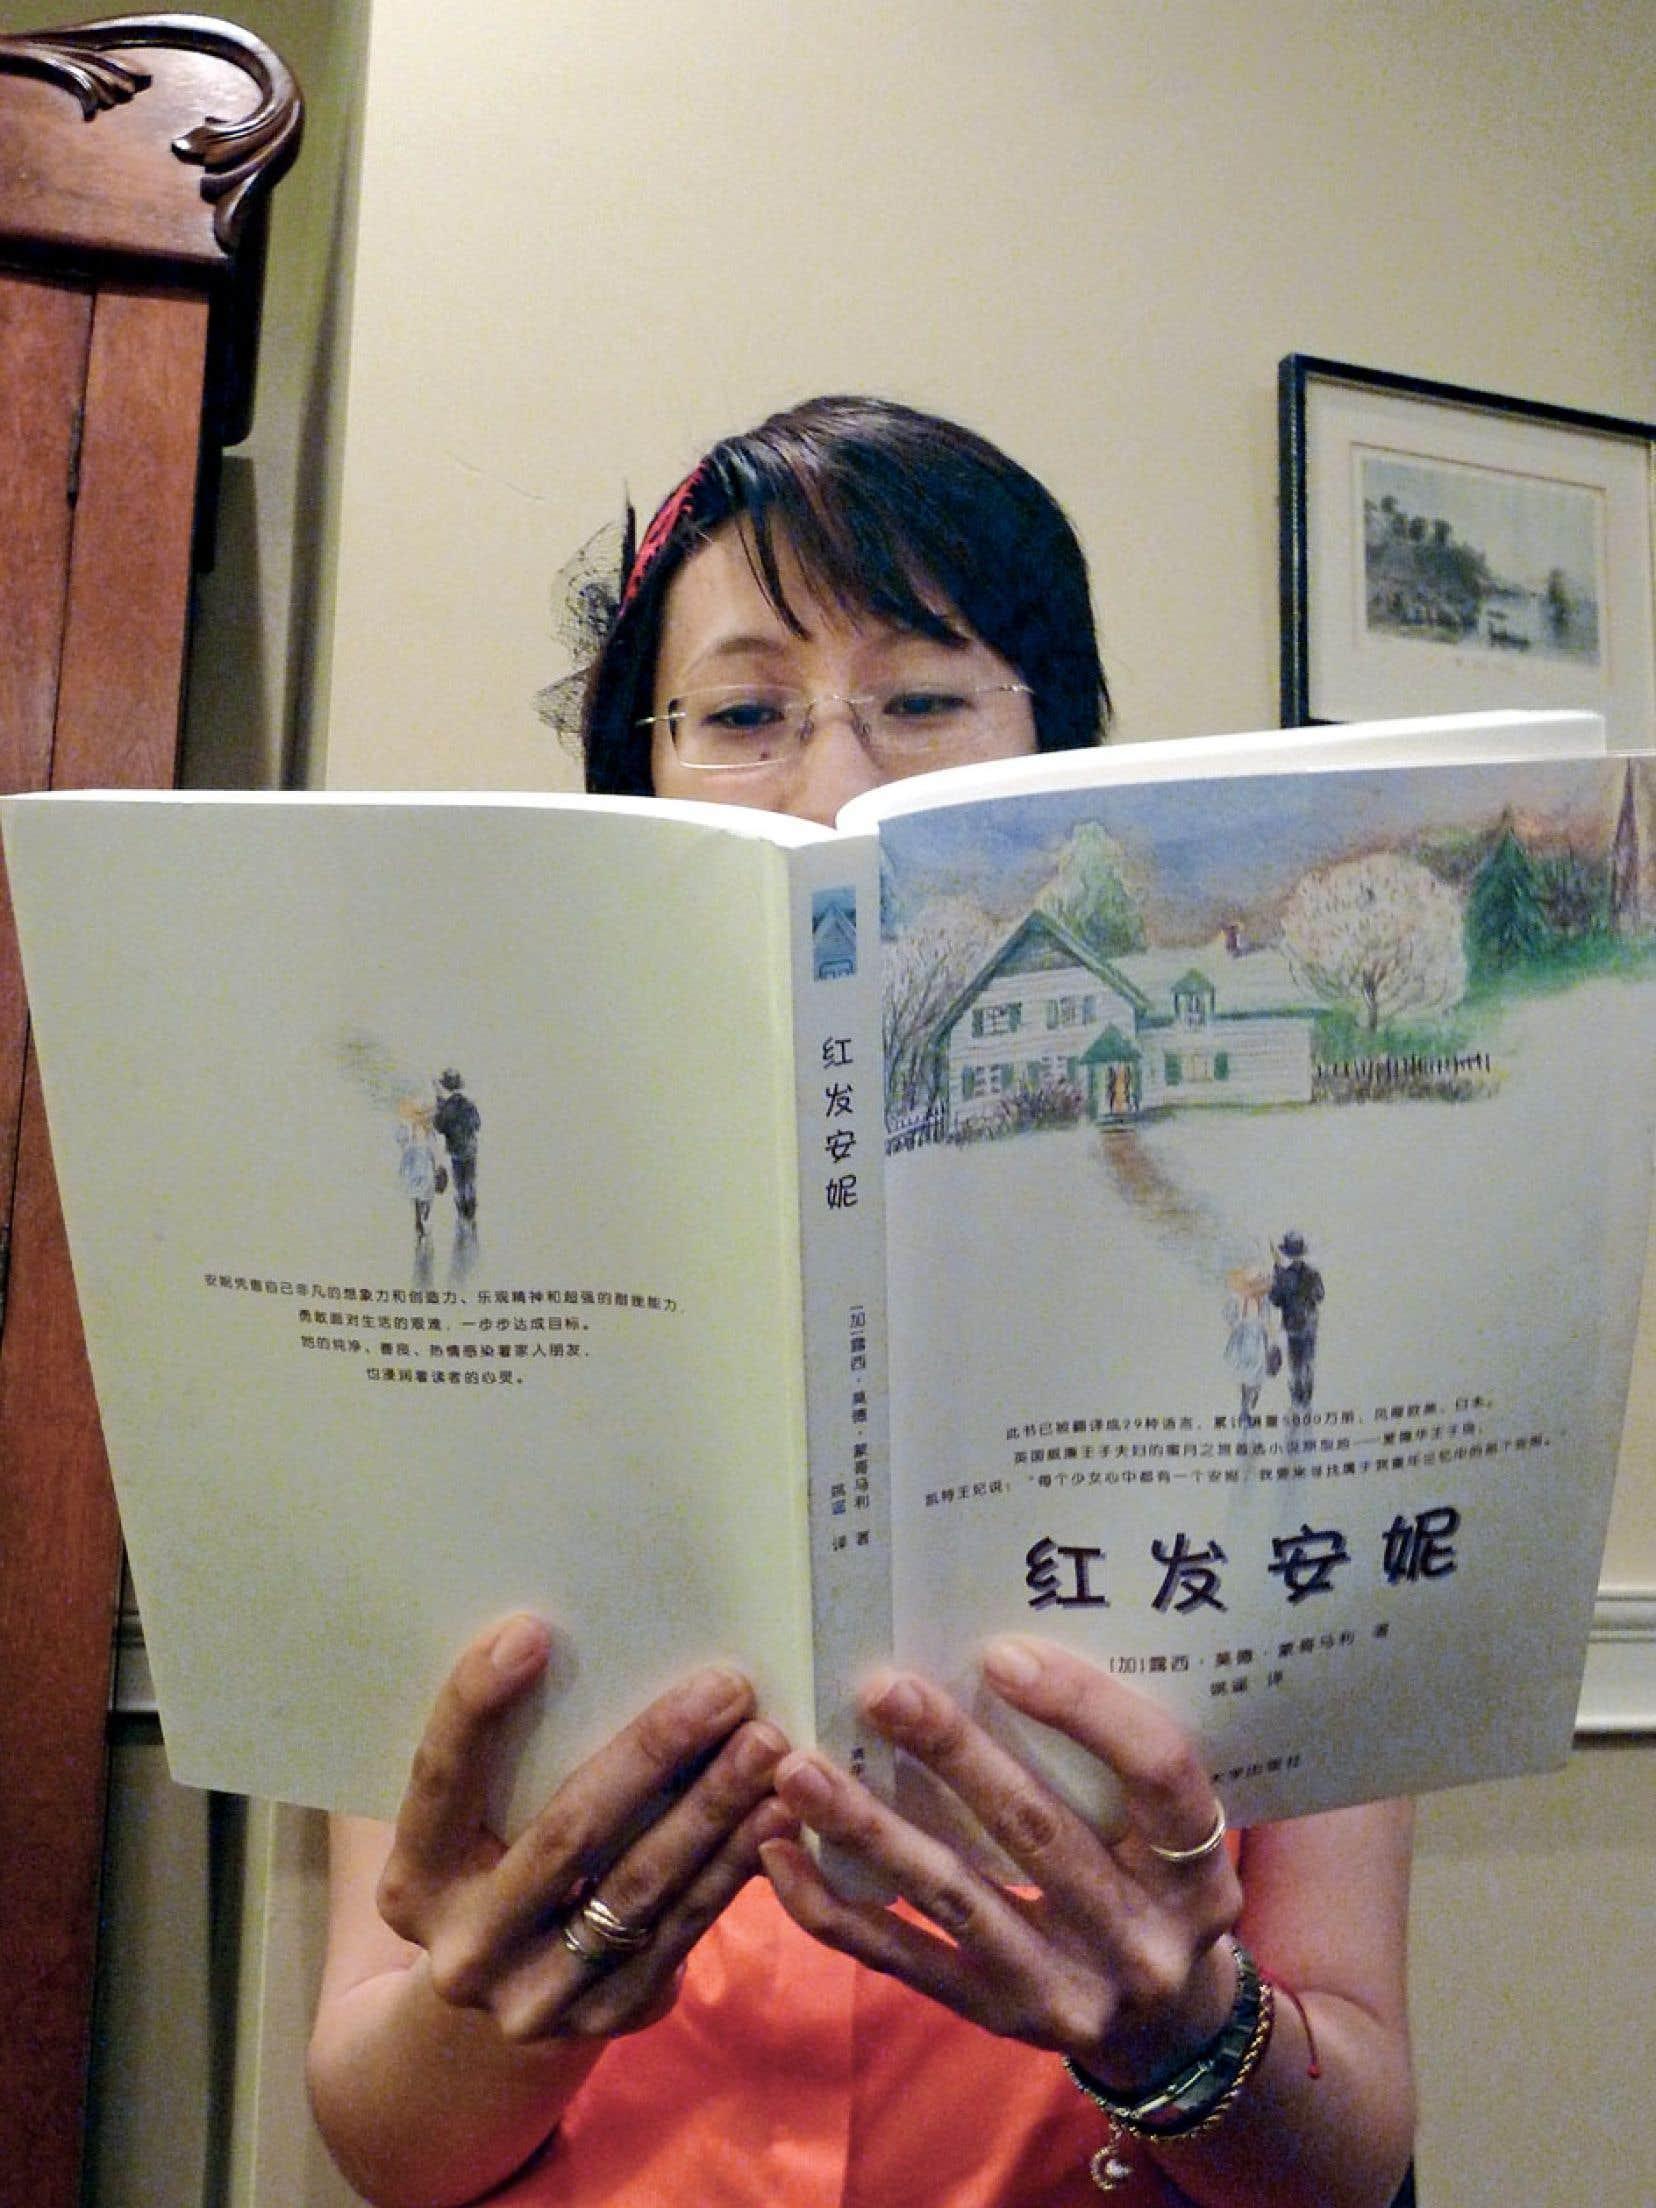 Preuve de son succès, l'Association nationale des éditeurs a sélectionné le célèbre roman de Lucy Maud Montgomery parmi les 50 romans ayant le plus d'influence en Chine.